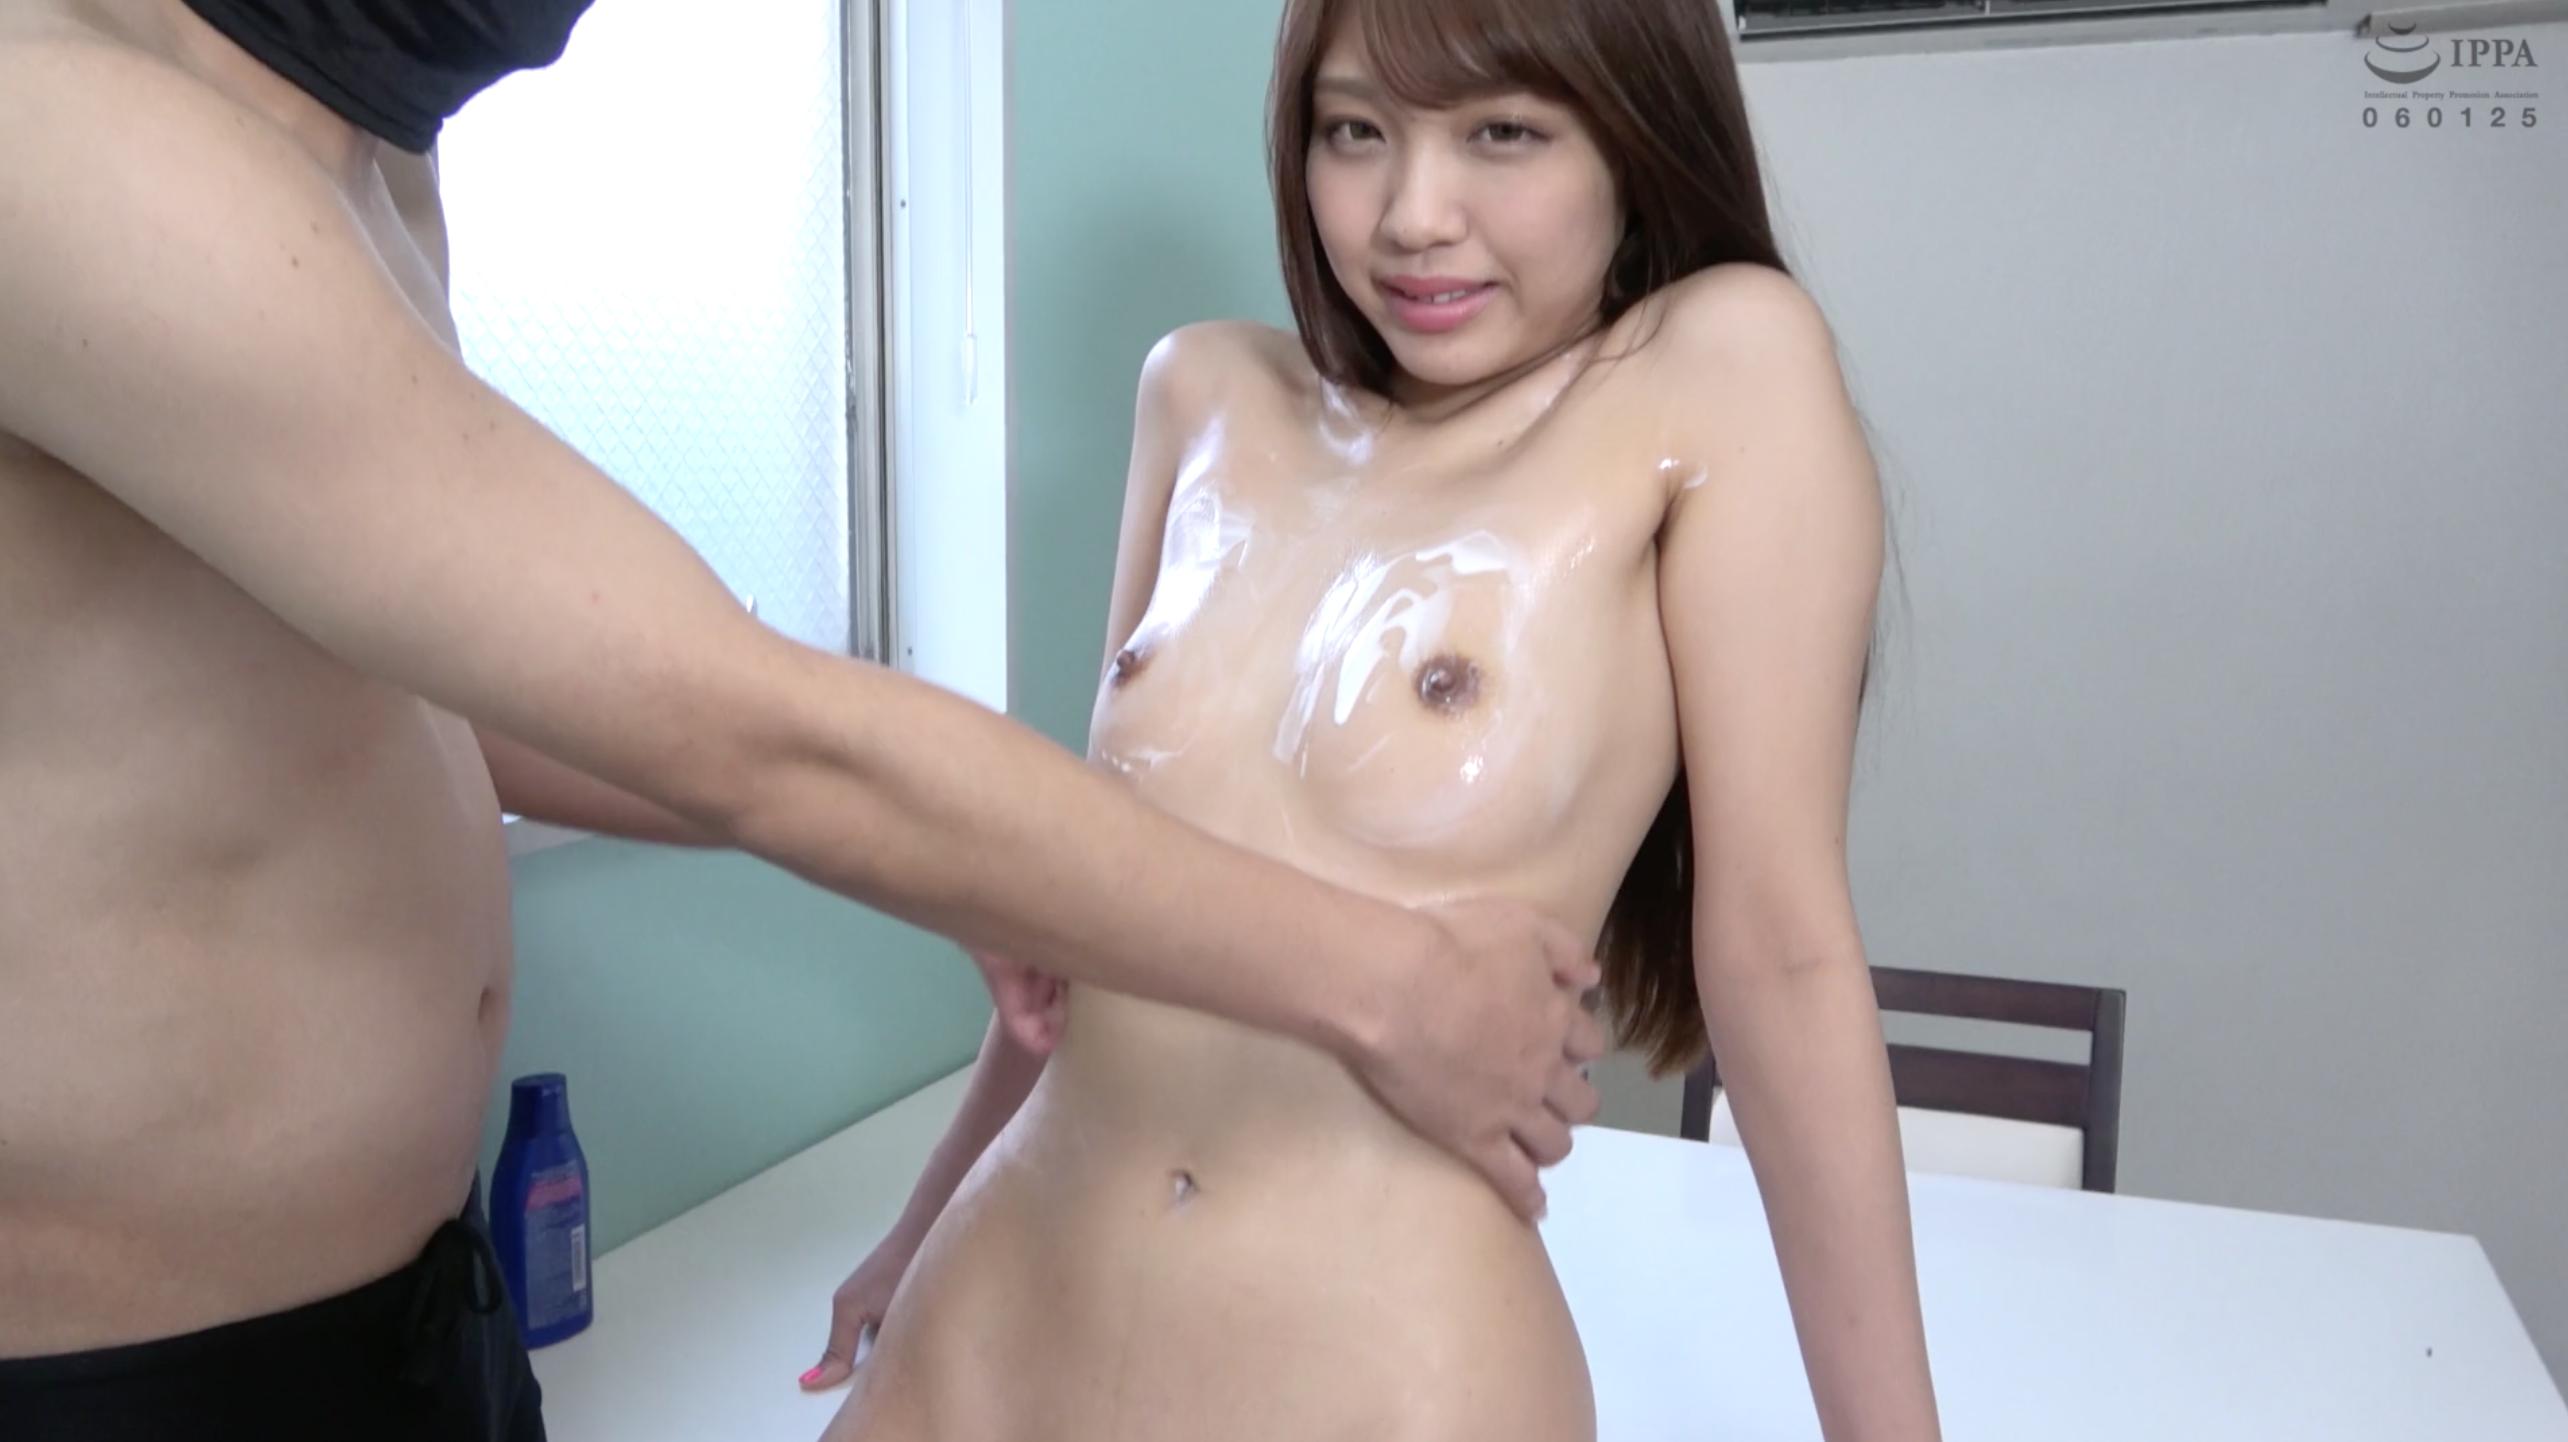 【くすぐり】大人気女優 木下ひまりチャンの極エロボディミルクくすぐりマッサージ!!!